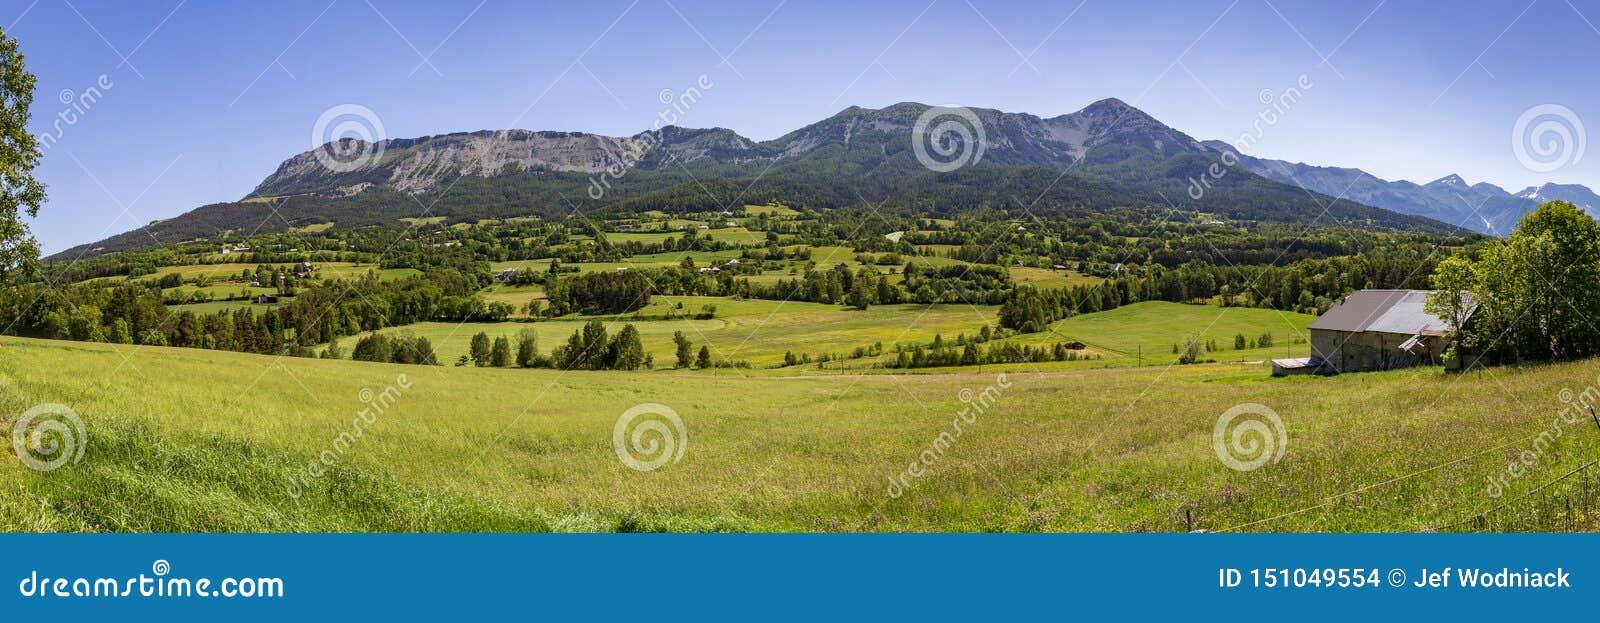 Vue panoramique des montagnes aux les Alpes de Seyne près de Digne en Provence